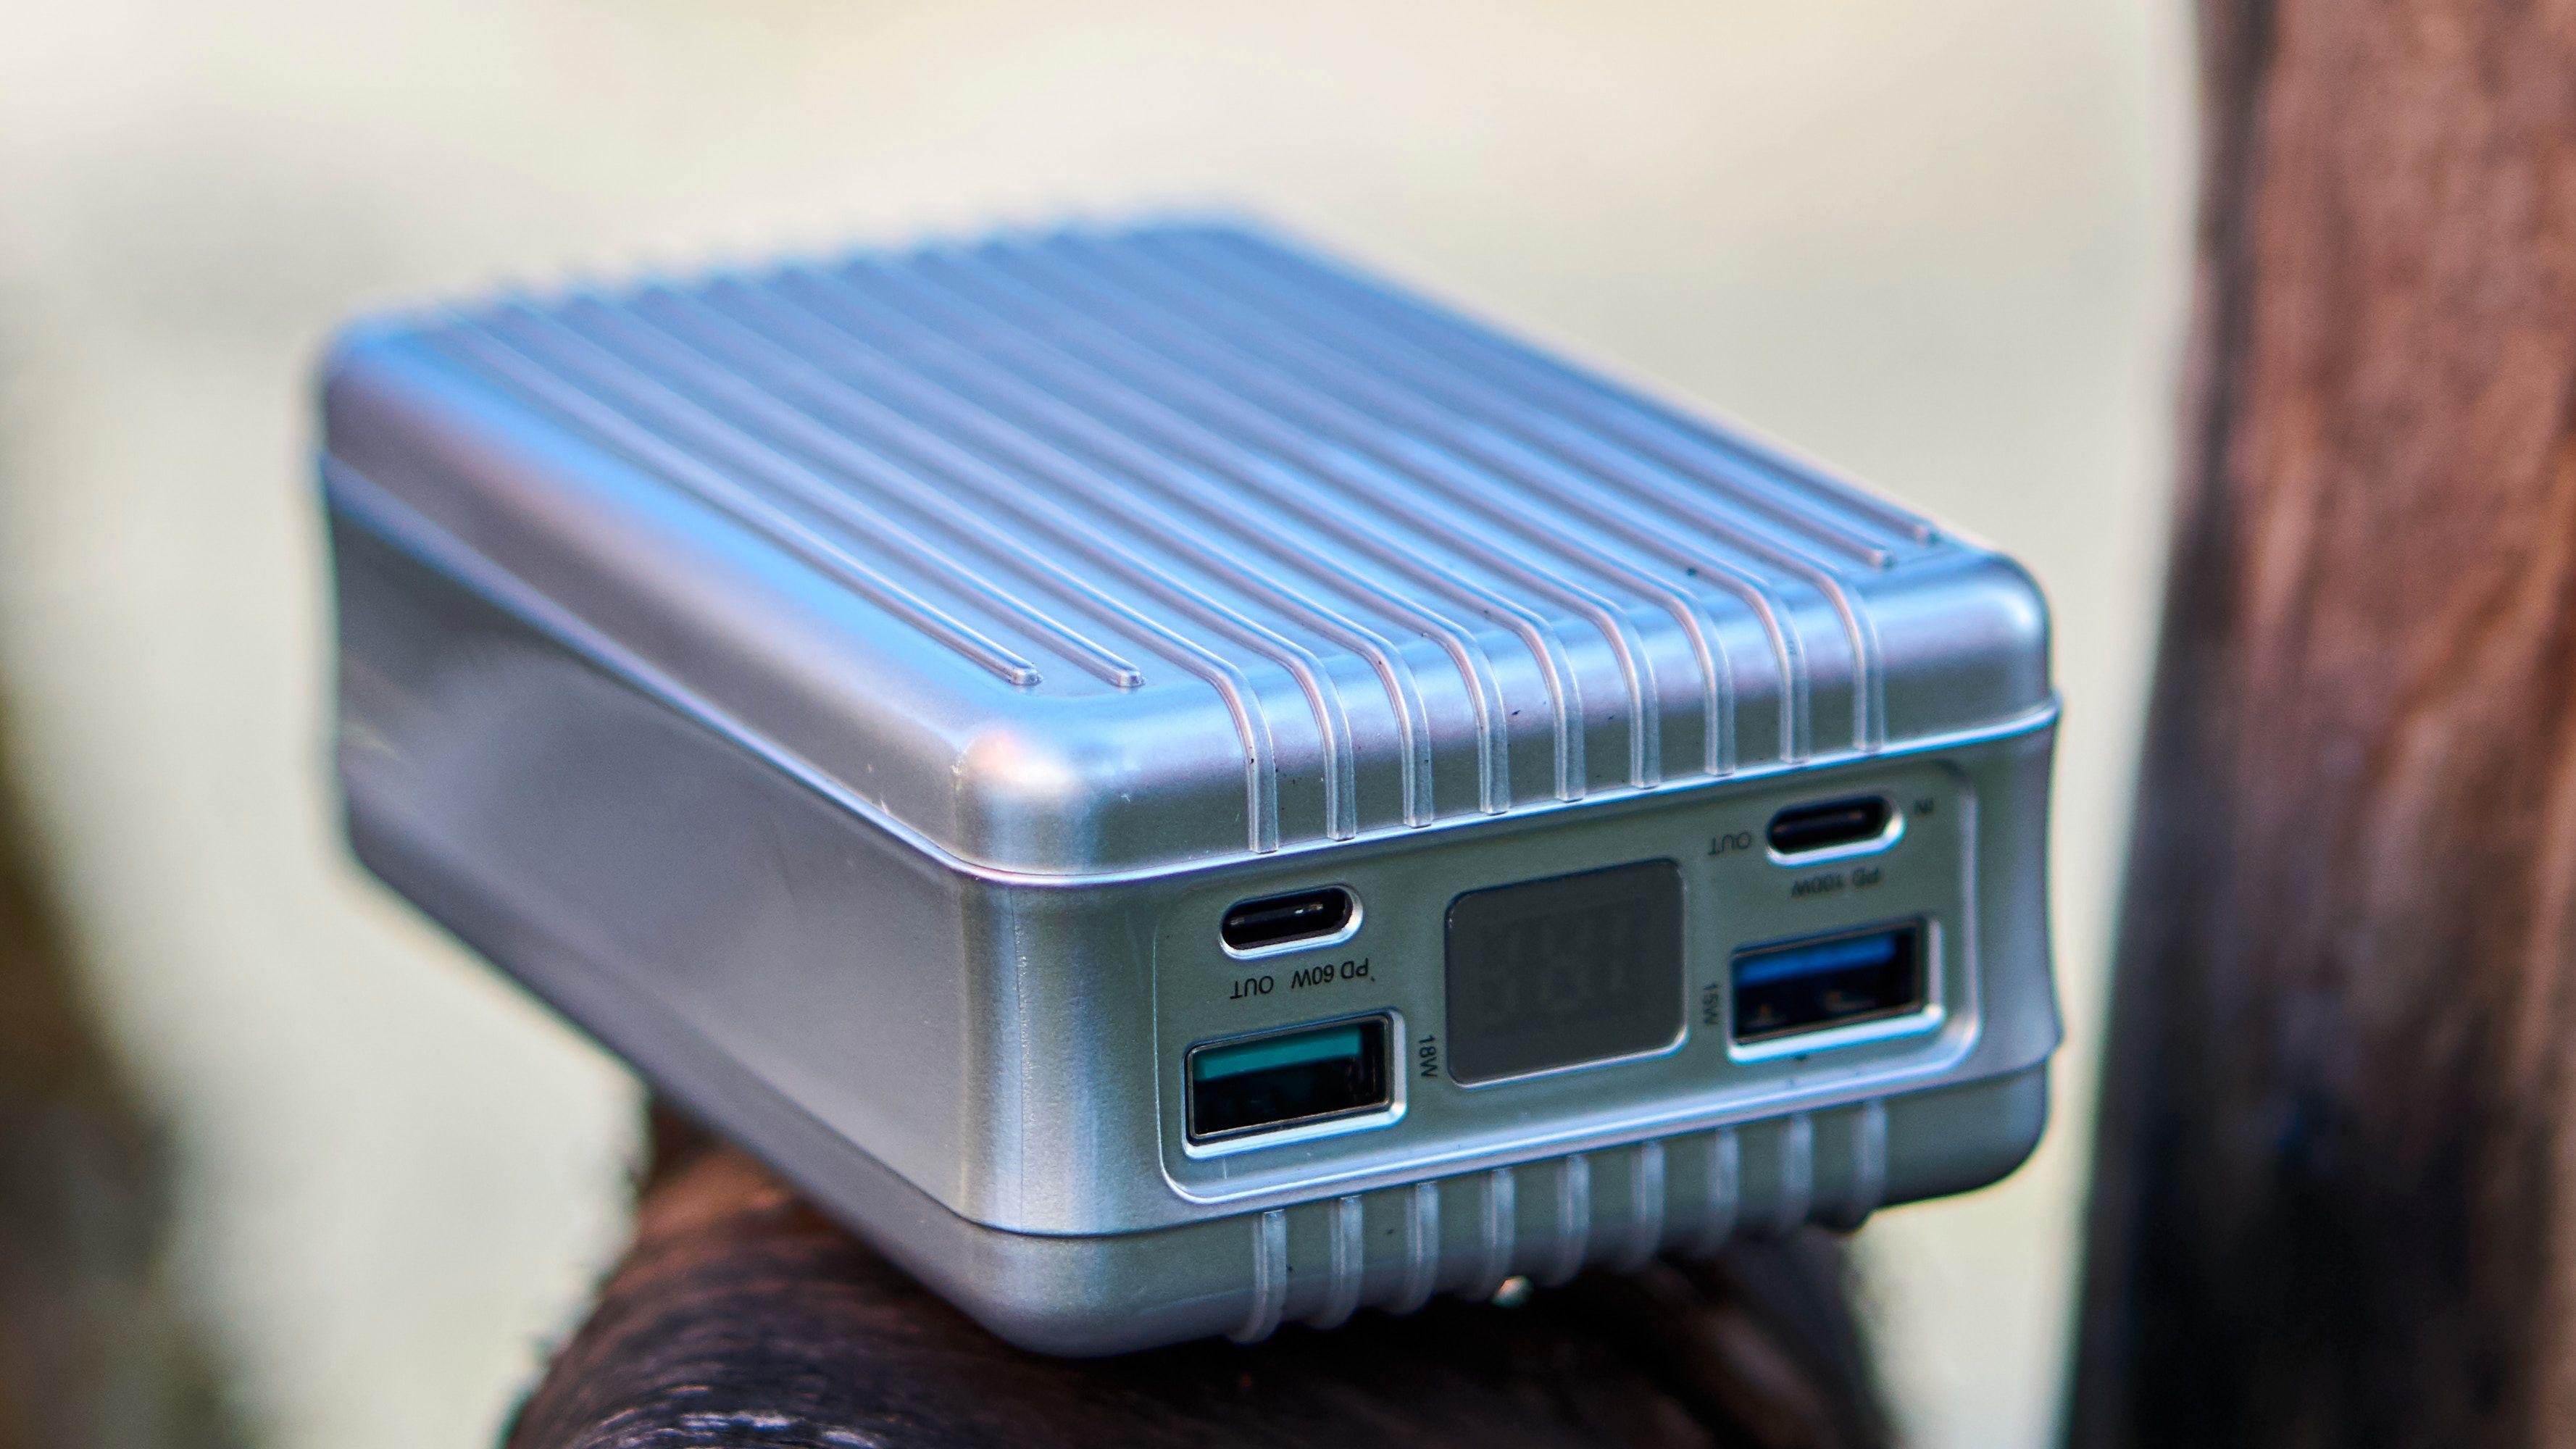 Denne laderen har både USB-A og USB Type-C-innganger. Men ikke alle har lik effekt.